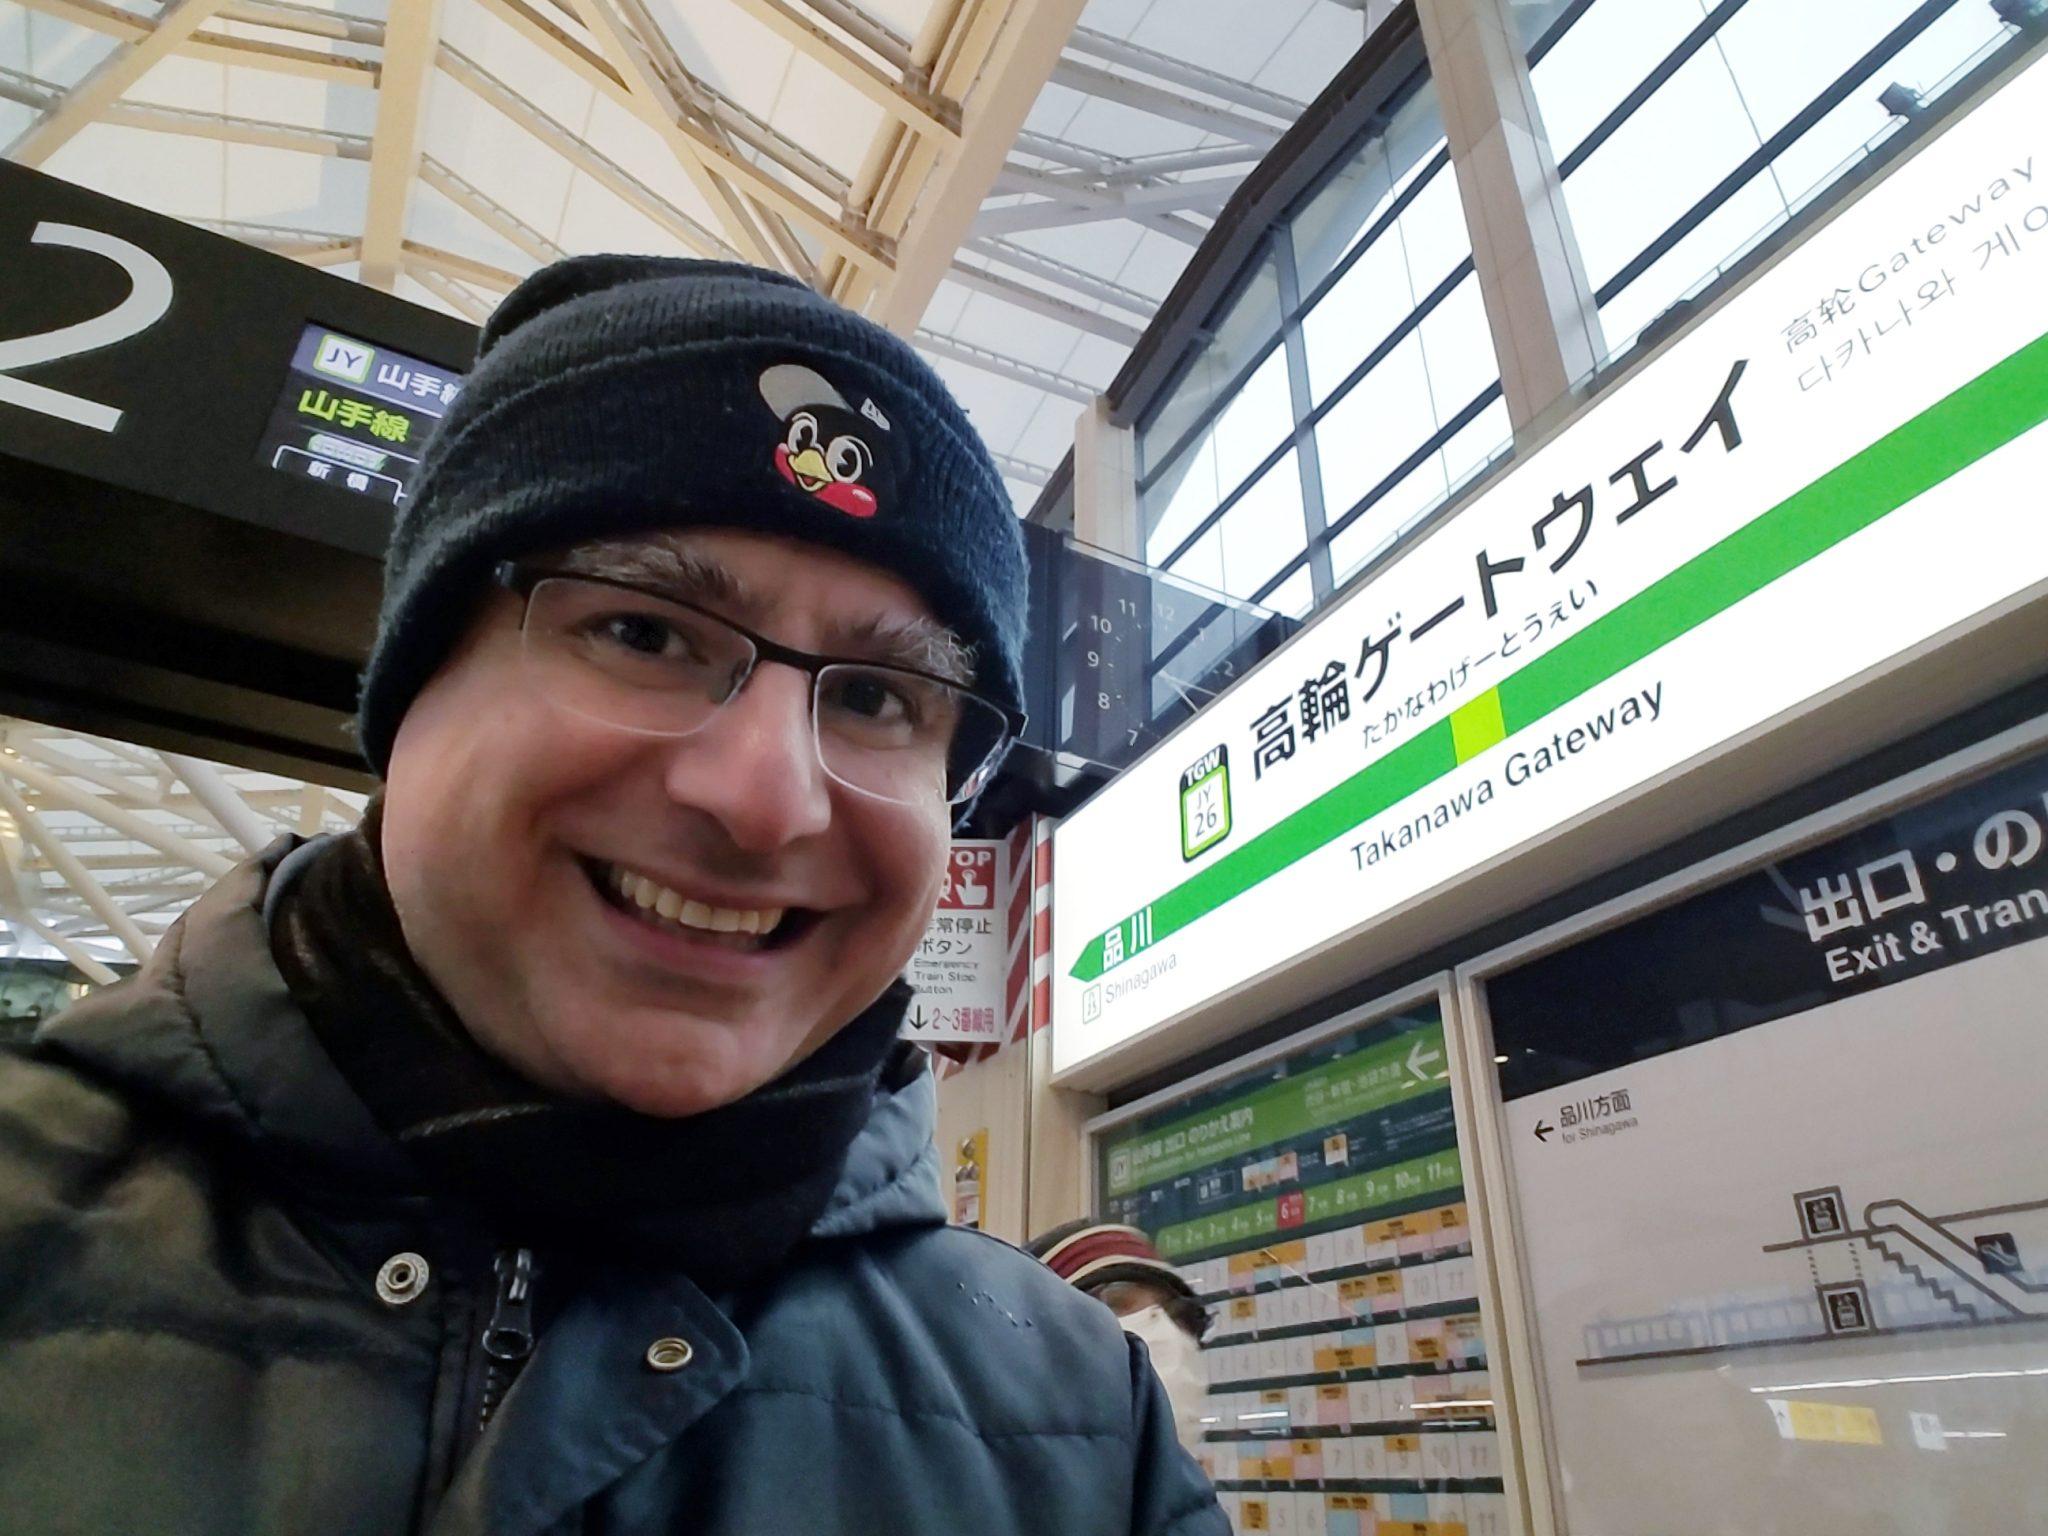 Takanawa Gateway Station opening on 14 March 2020